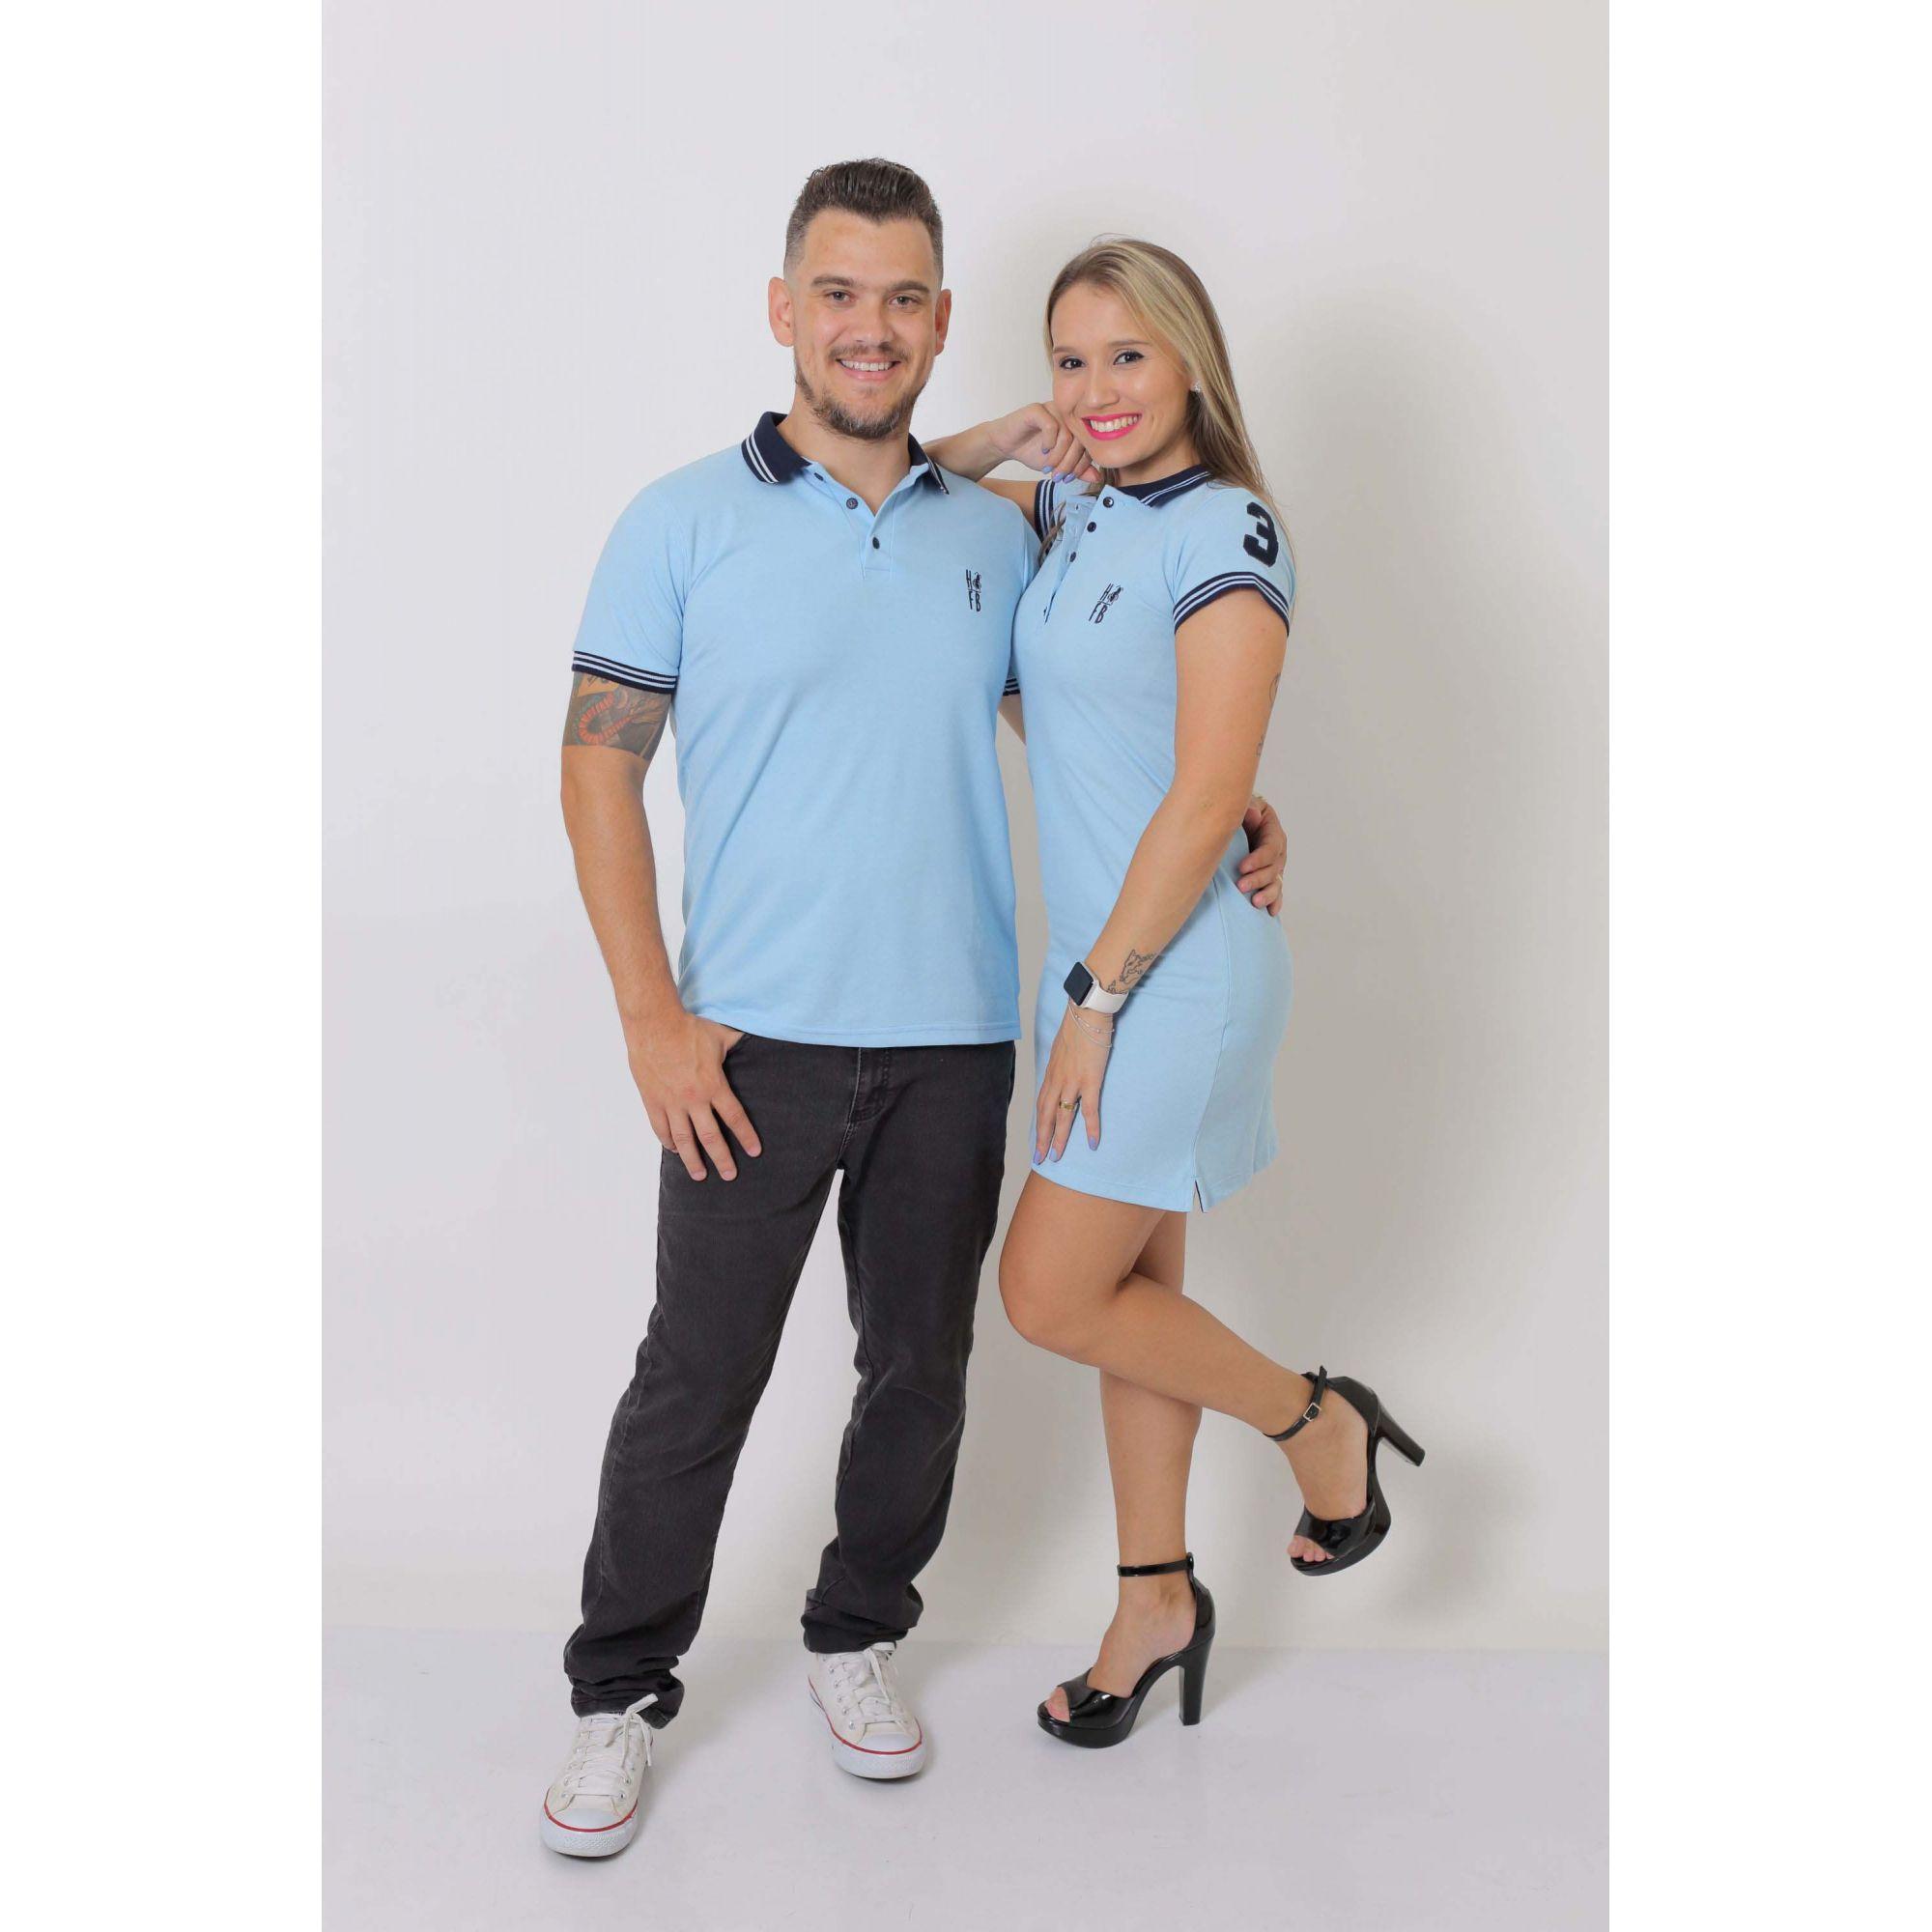 NAMORADOS > Kit 02 Peças Camisa + Vestido Polo Azul Nobreza [Coleção Namorados]  - Heitor Fashion Brazil